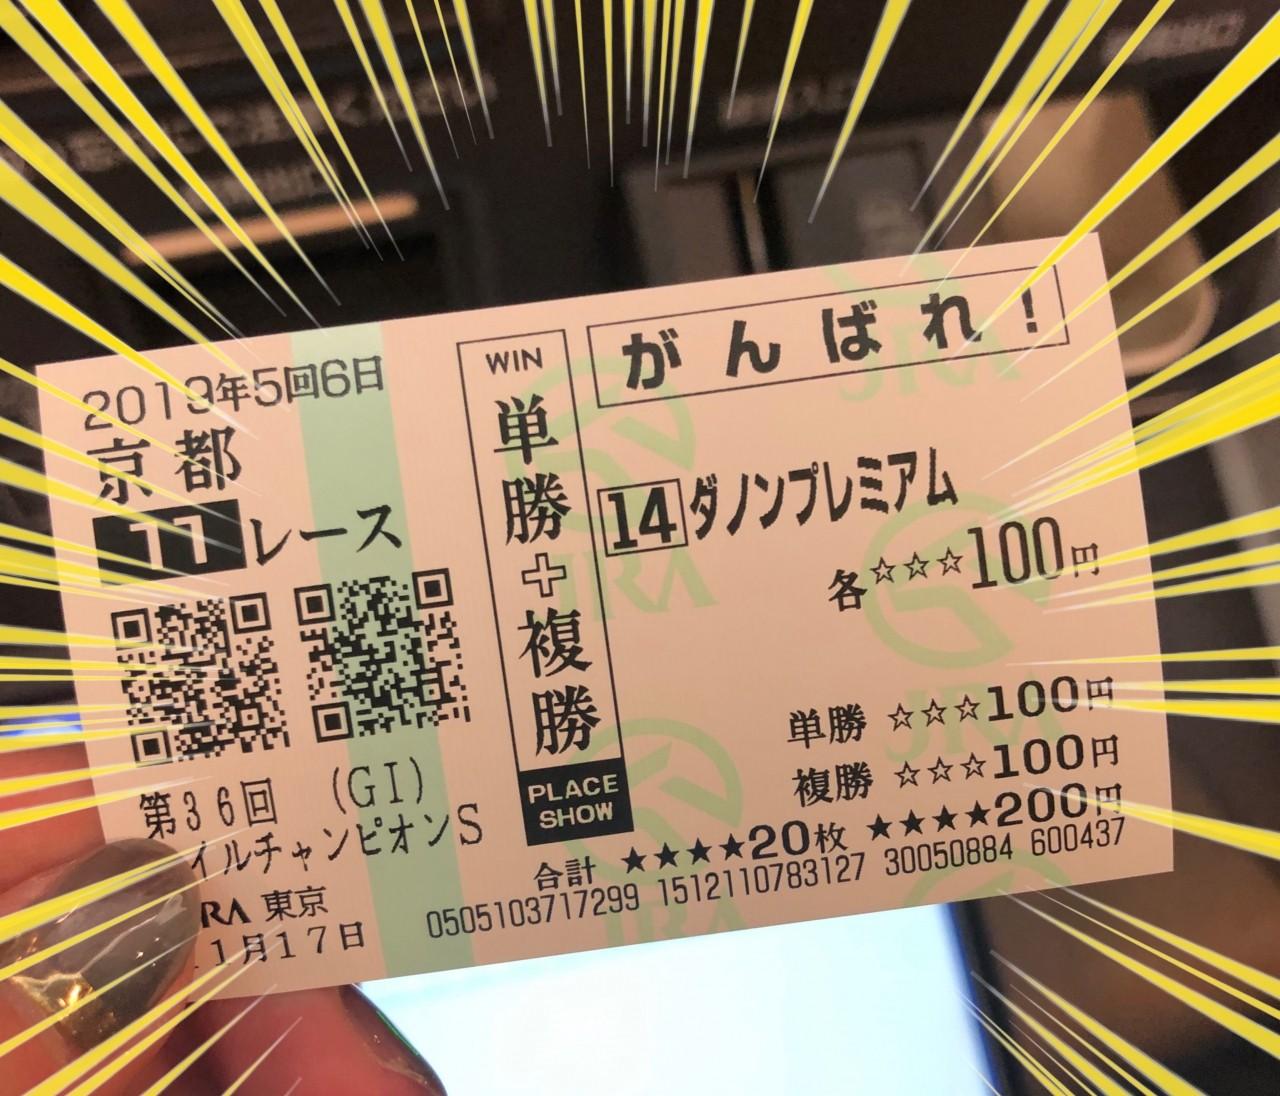 【週末お出かけ】有馬記念まであと3日!アナタもUMAJOデビュー<後編>